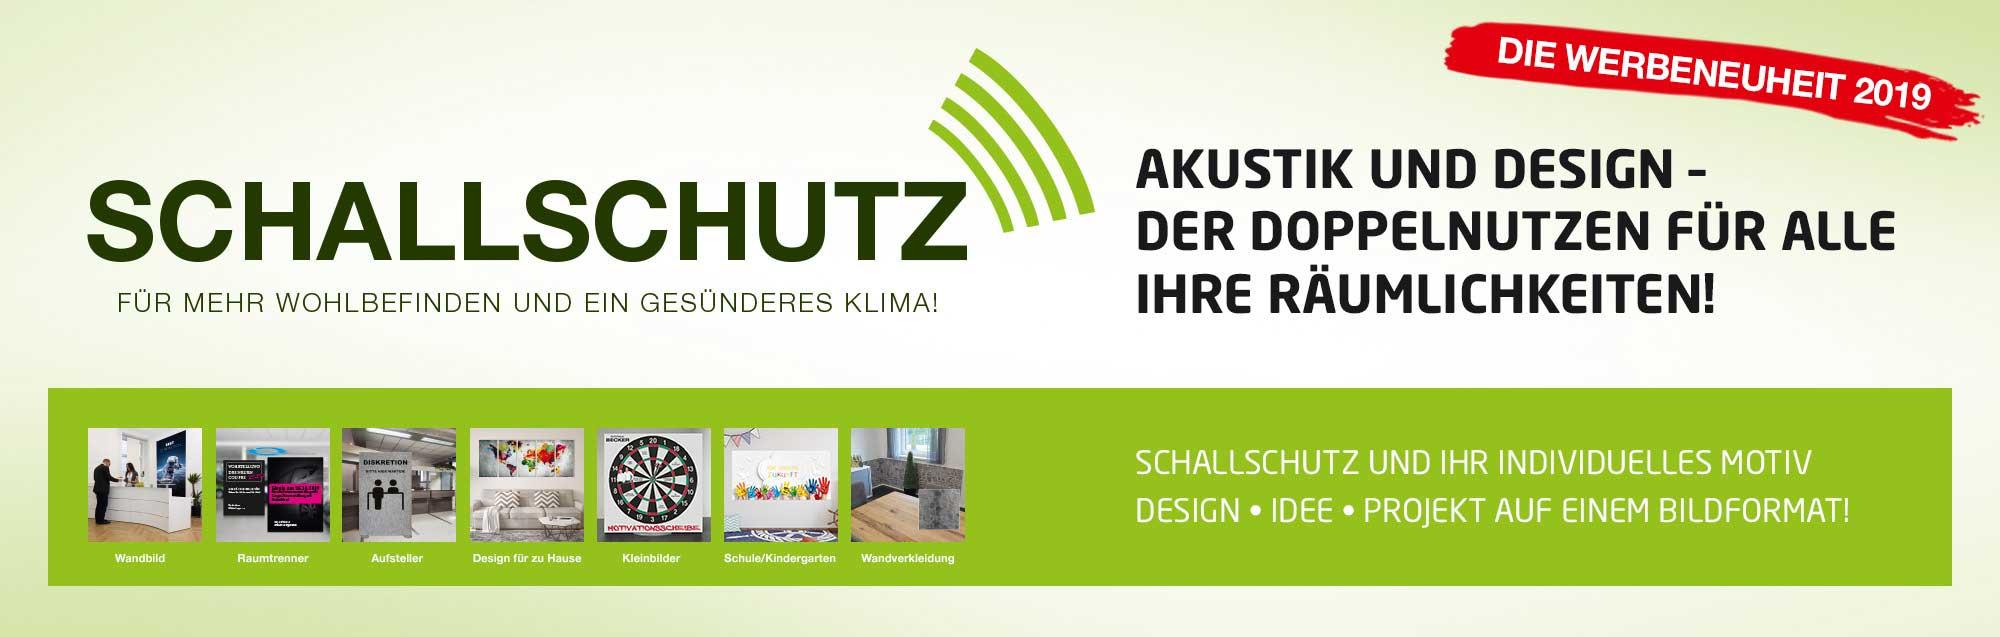 Akustikbilder selbst gestalten fürs Büro | Akustikplatten für Wand Decke oder frei aufstellen